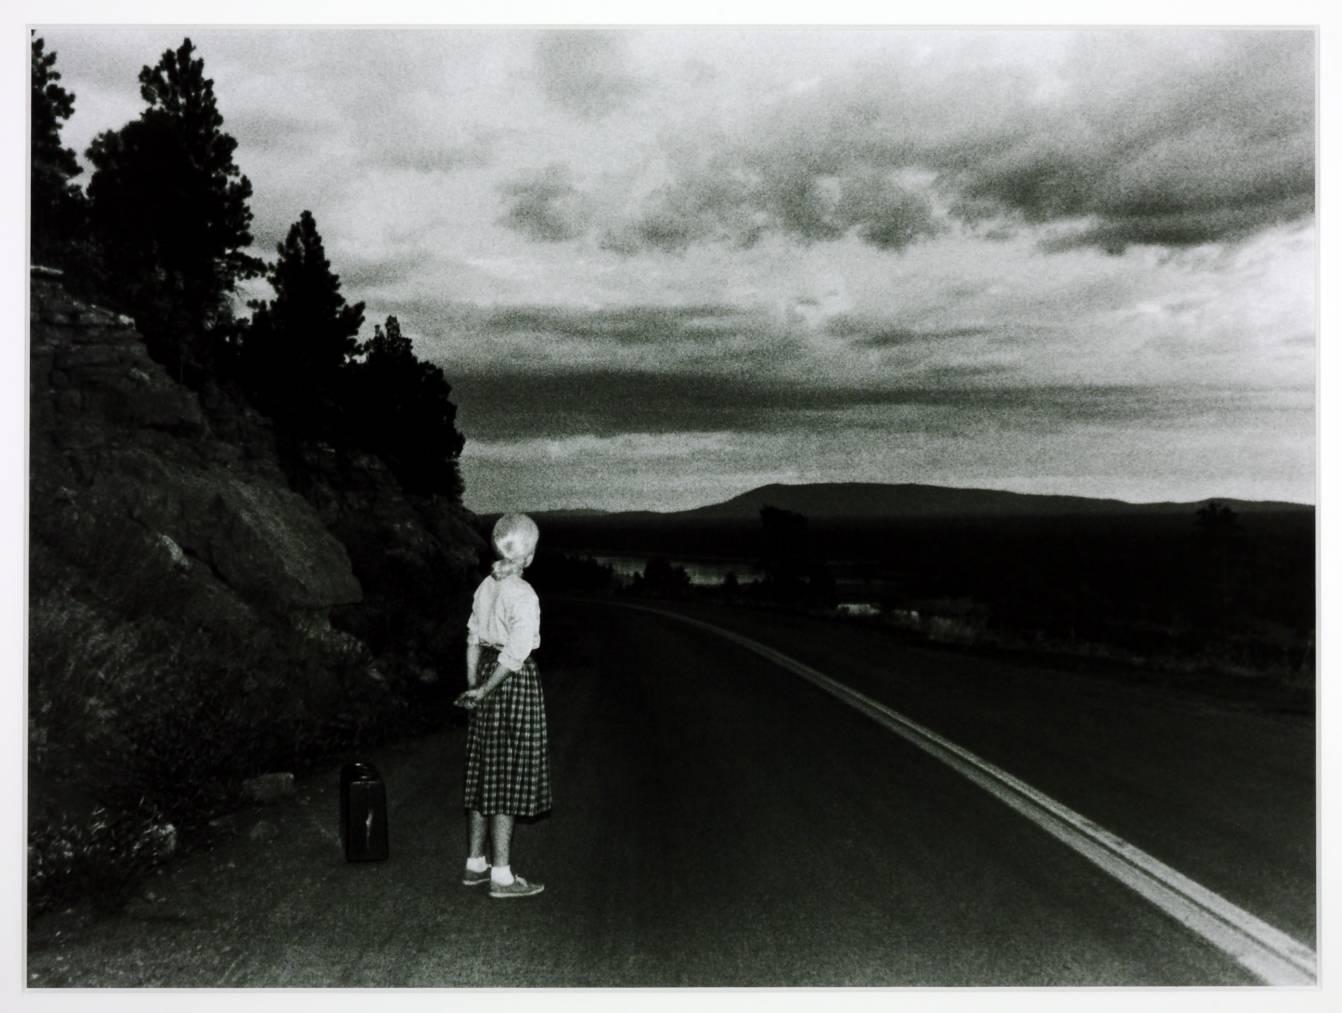 13.<br />Fotó: Cindy Sherman: Untitled Film Still #48 (1979)<br />$2,225,000<br />November 11, 2014<br />Sotheby's New York